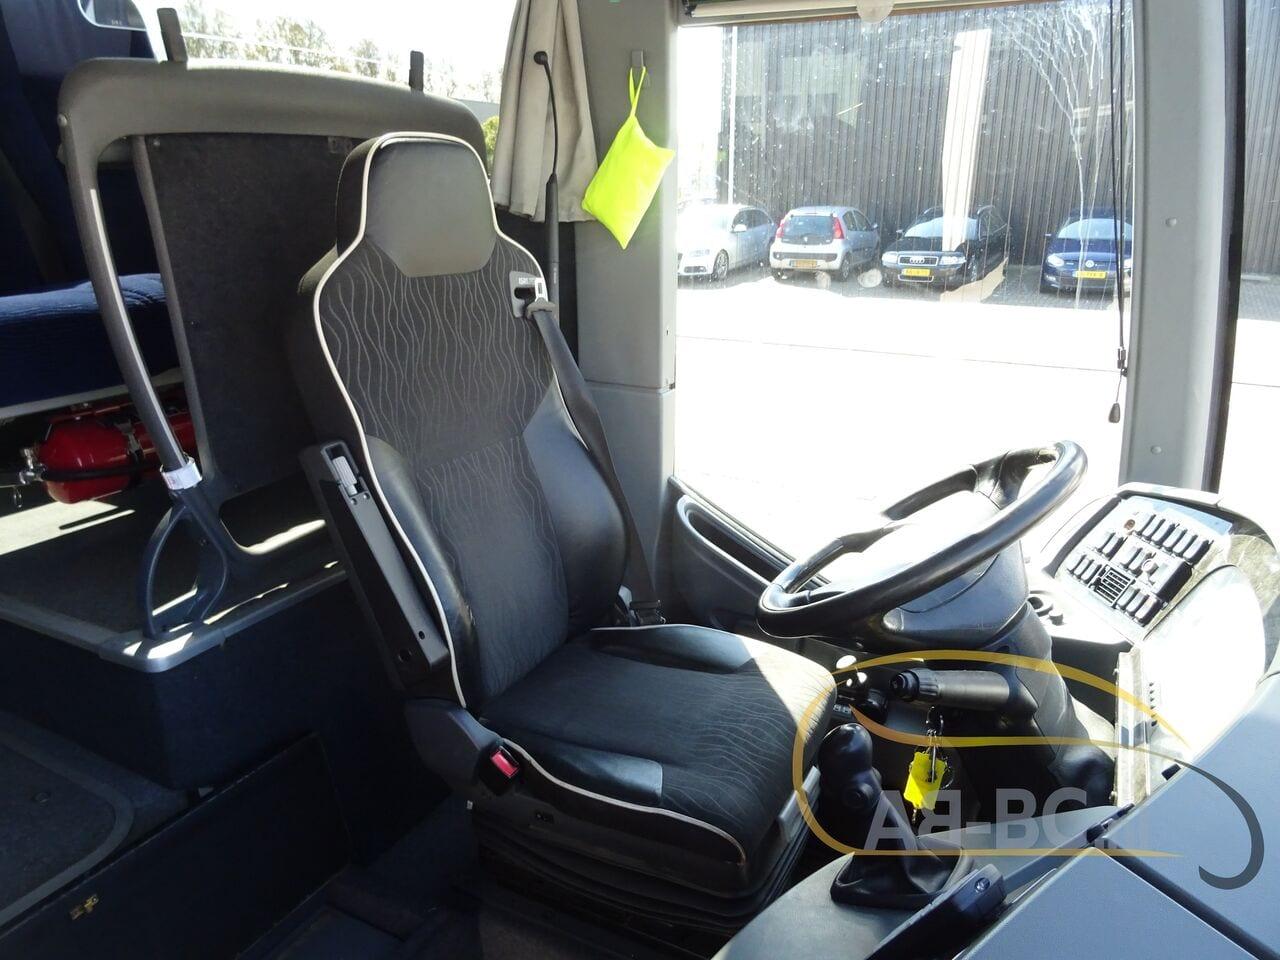 coach-busSETRA-S415-GT-HD-FINAL-EDITION-51-SEATS-LIFTBUS---1620381919066209008_big_8e14b3caf80d69dc6d0488d26443490e--21050713010665719300